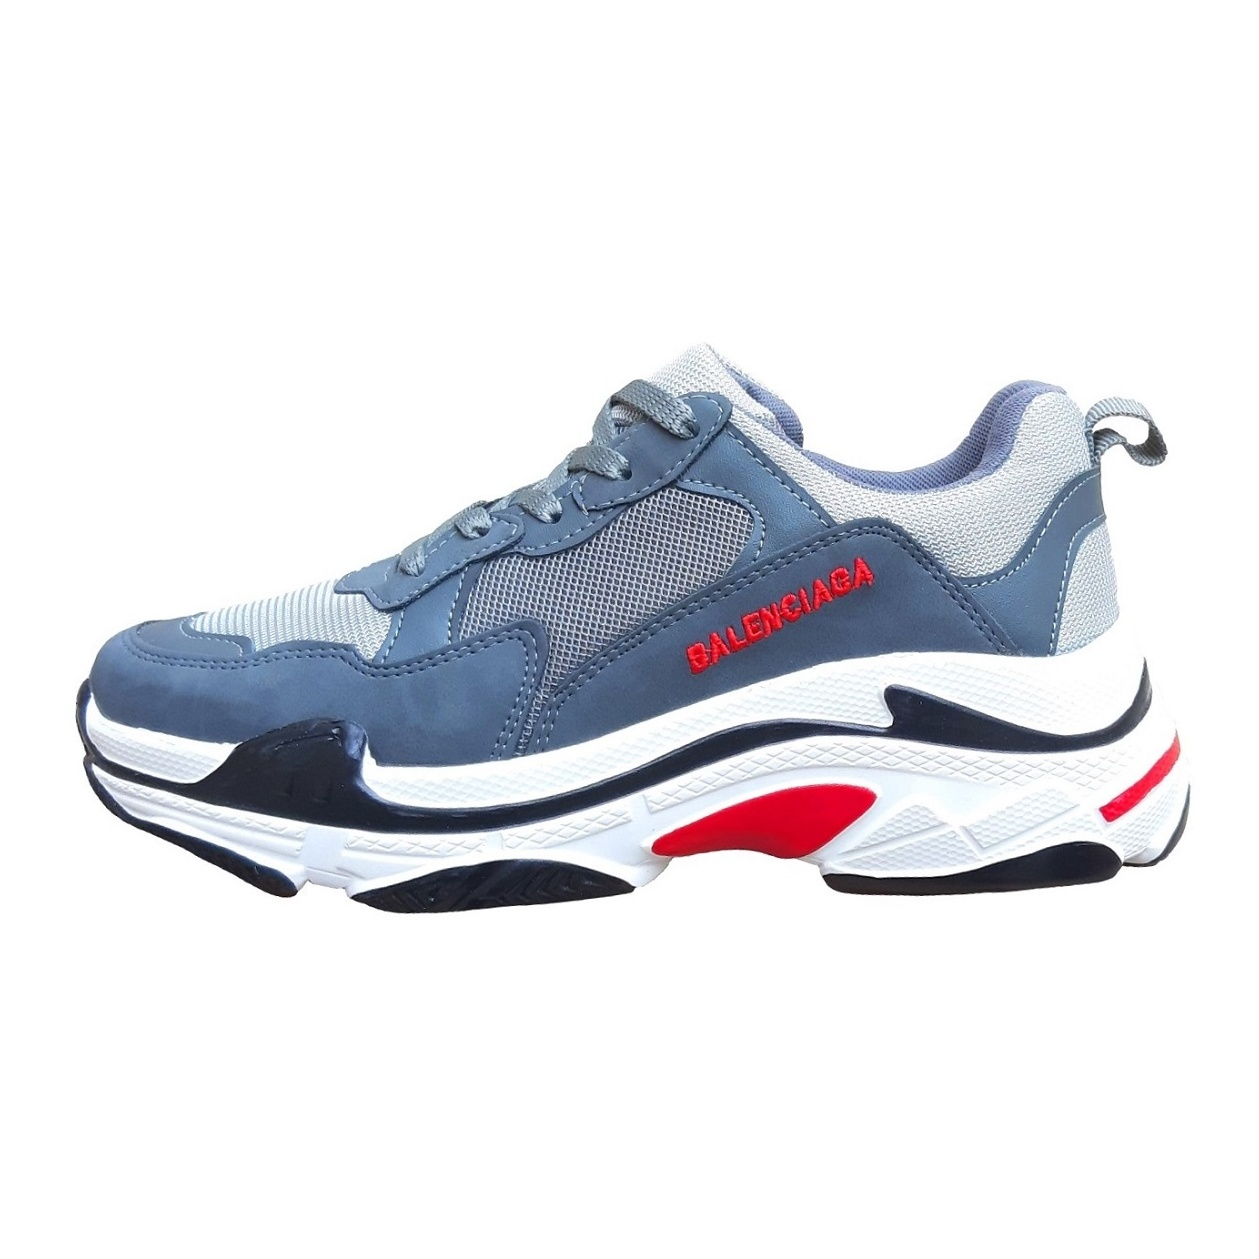 کفش راحتی زنانه کد232001 رنگ طوسی